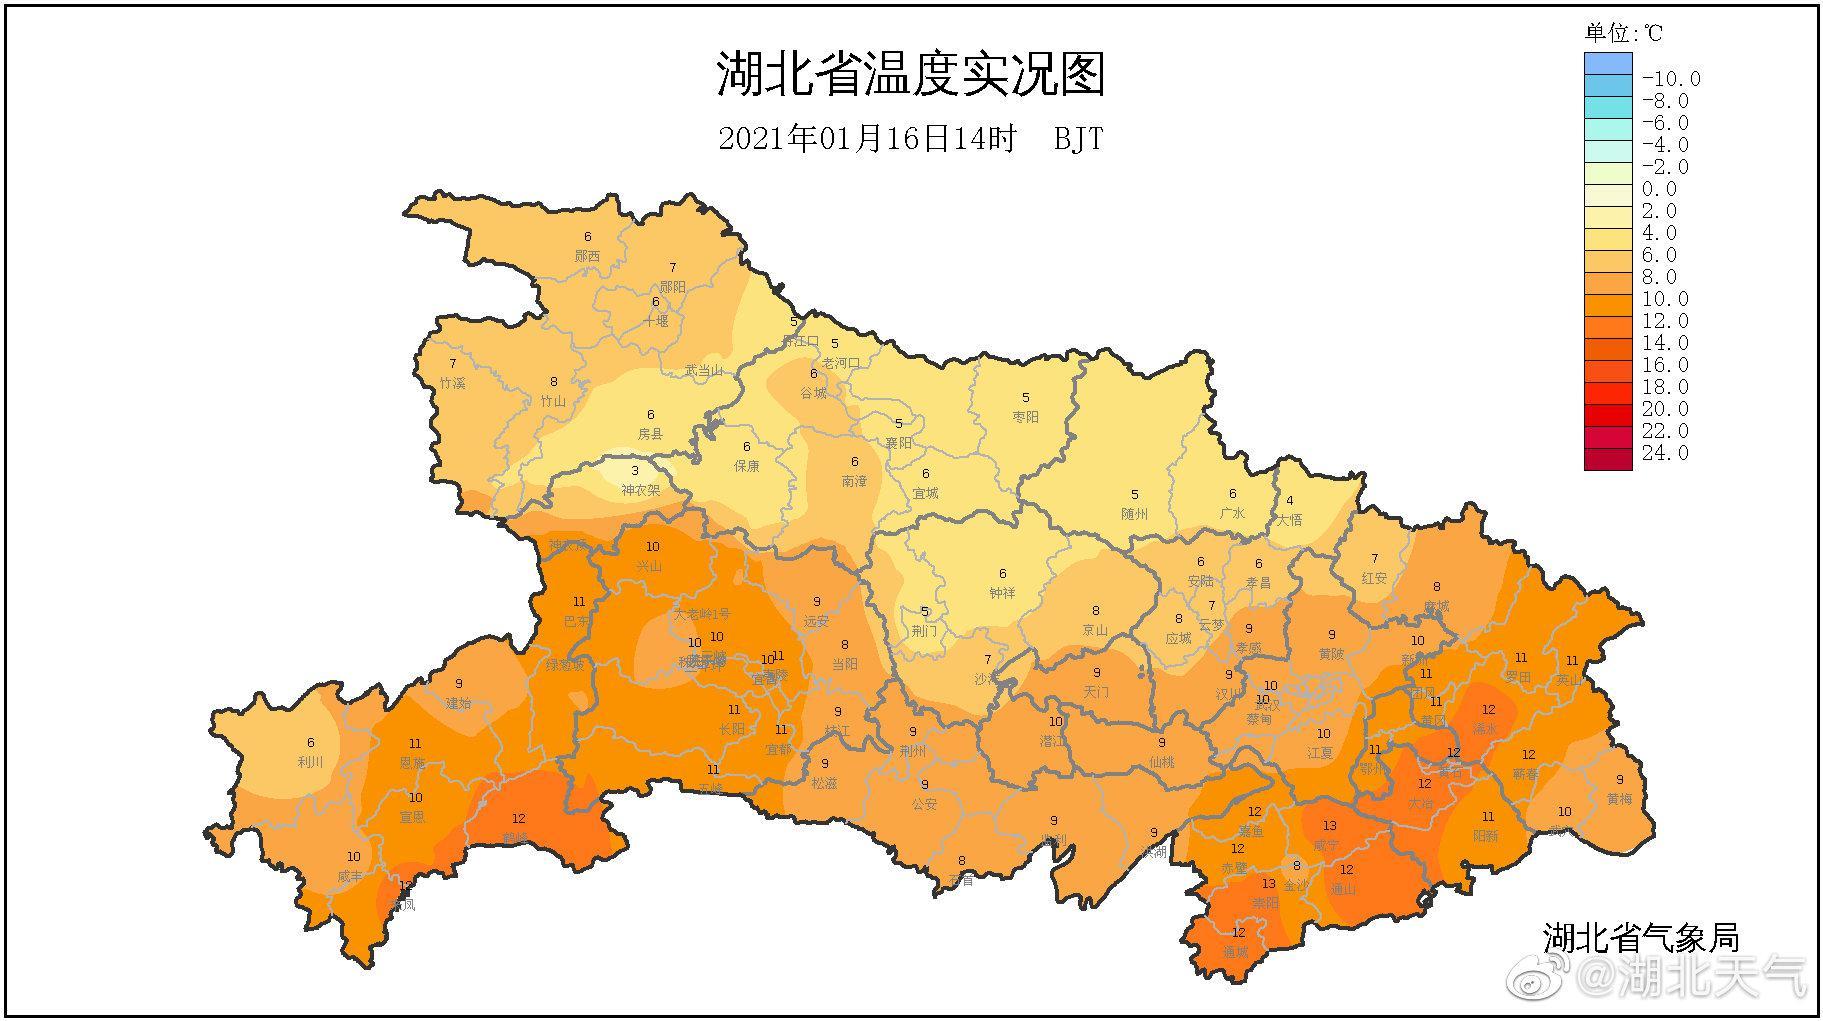 冷空气带来了降温,下午2点全省大部气温在6-12℃,较昨日同一时次相比,有7-11℃的下降,降幅最大的为襄阳宜城12℃